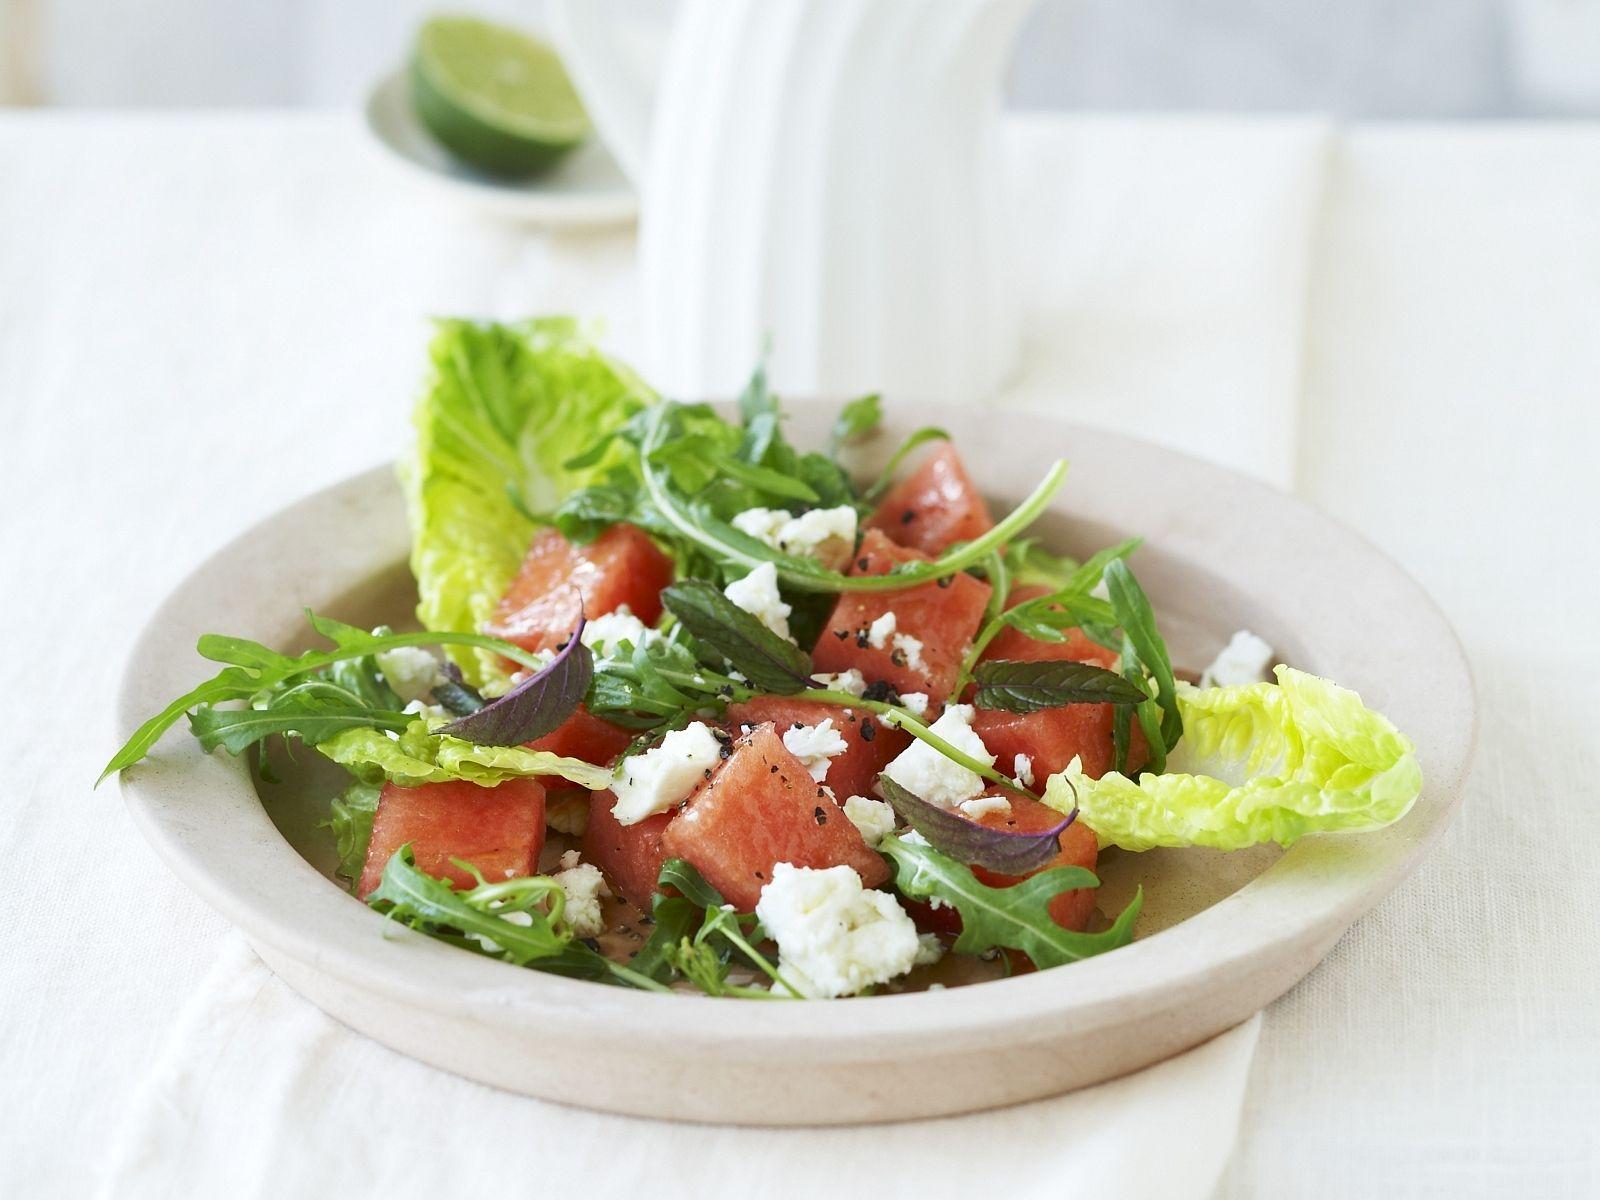 Blattsalat Mit Wassermelone Und Schafskase Rezept Eat Smarter